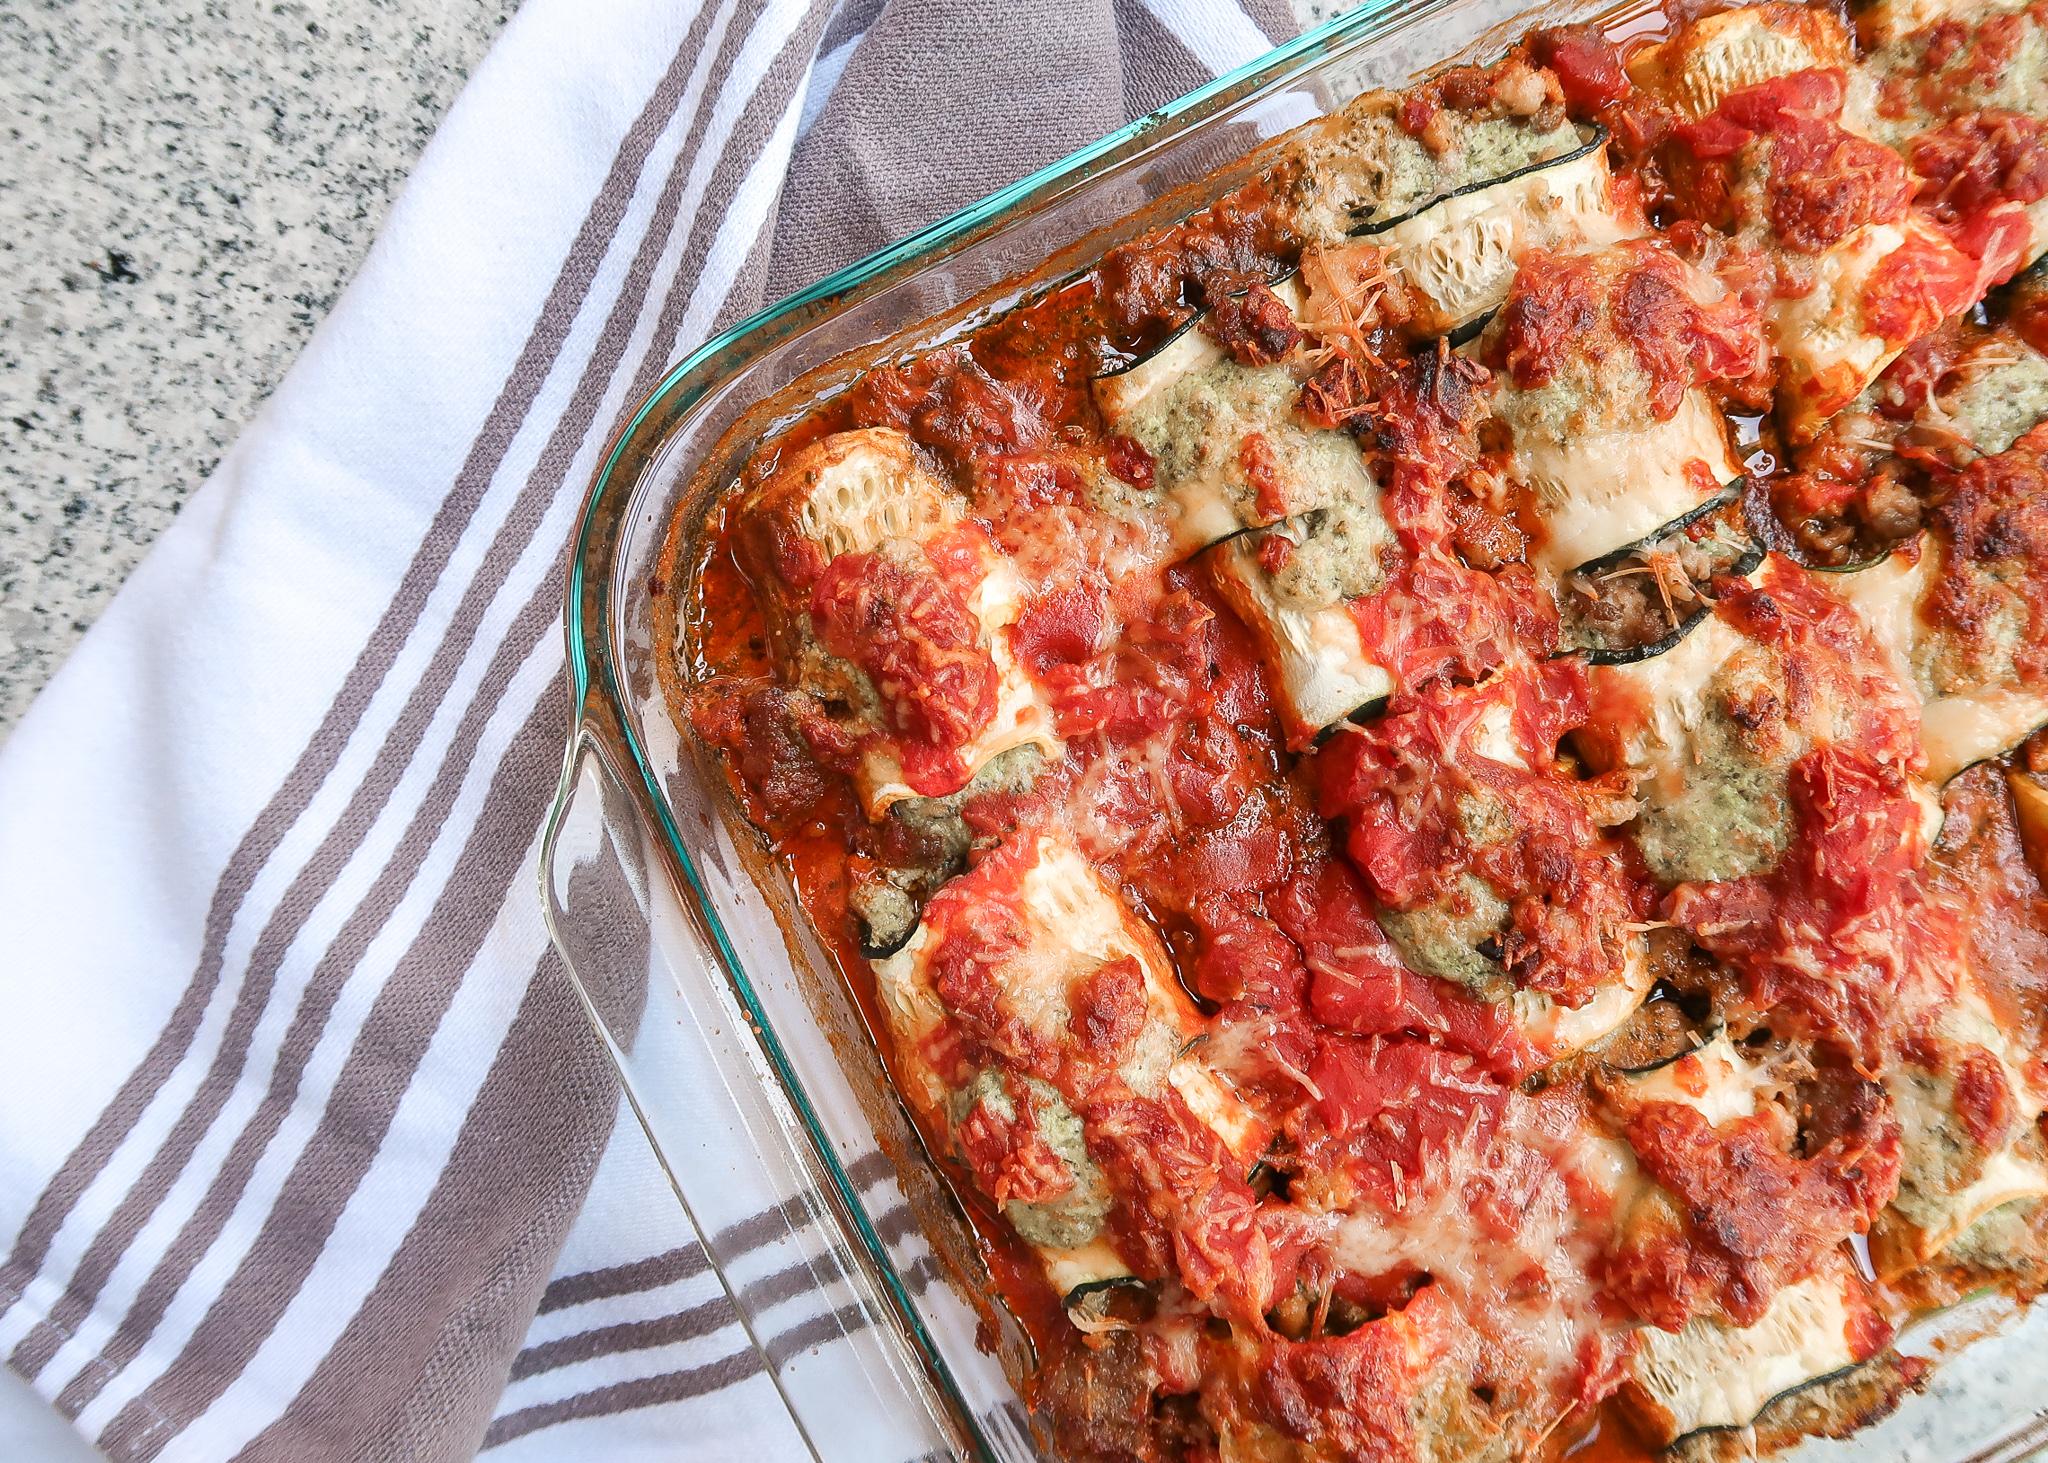 zucchini-pesto-and-ricotta-rollups-1.jpg